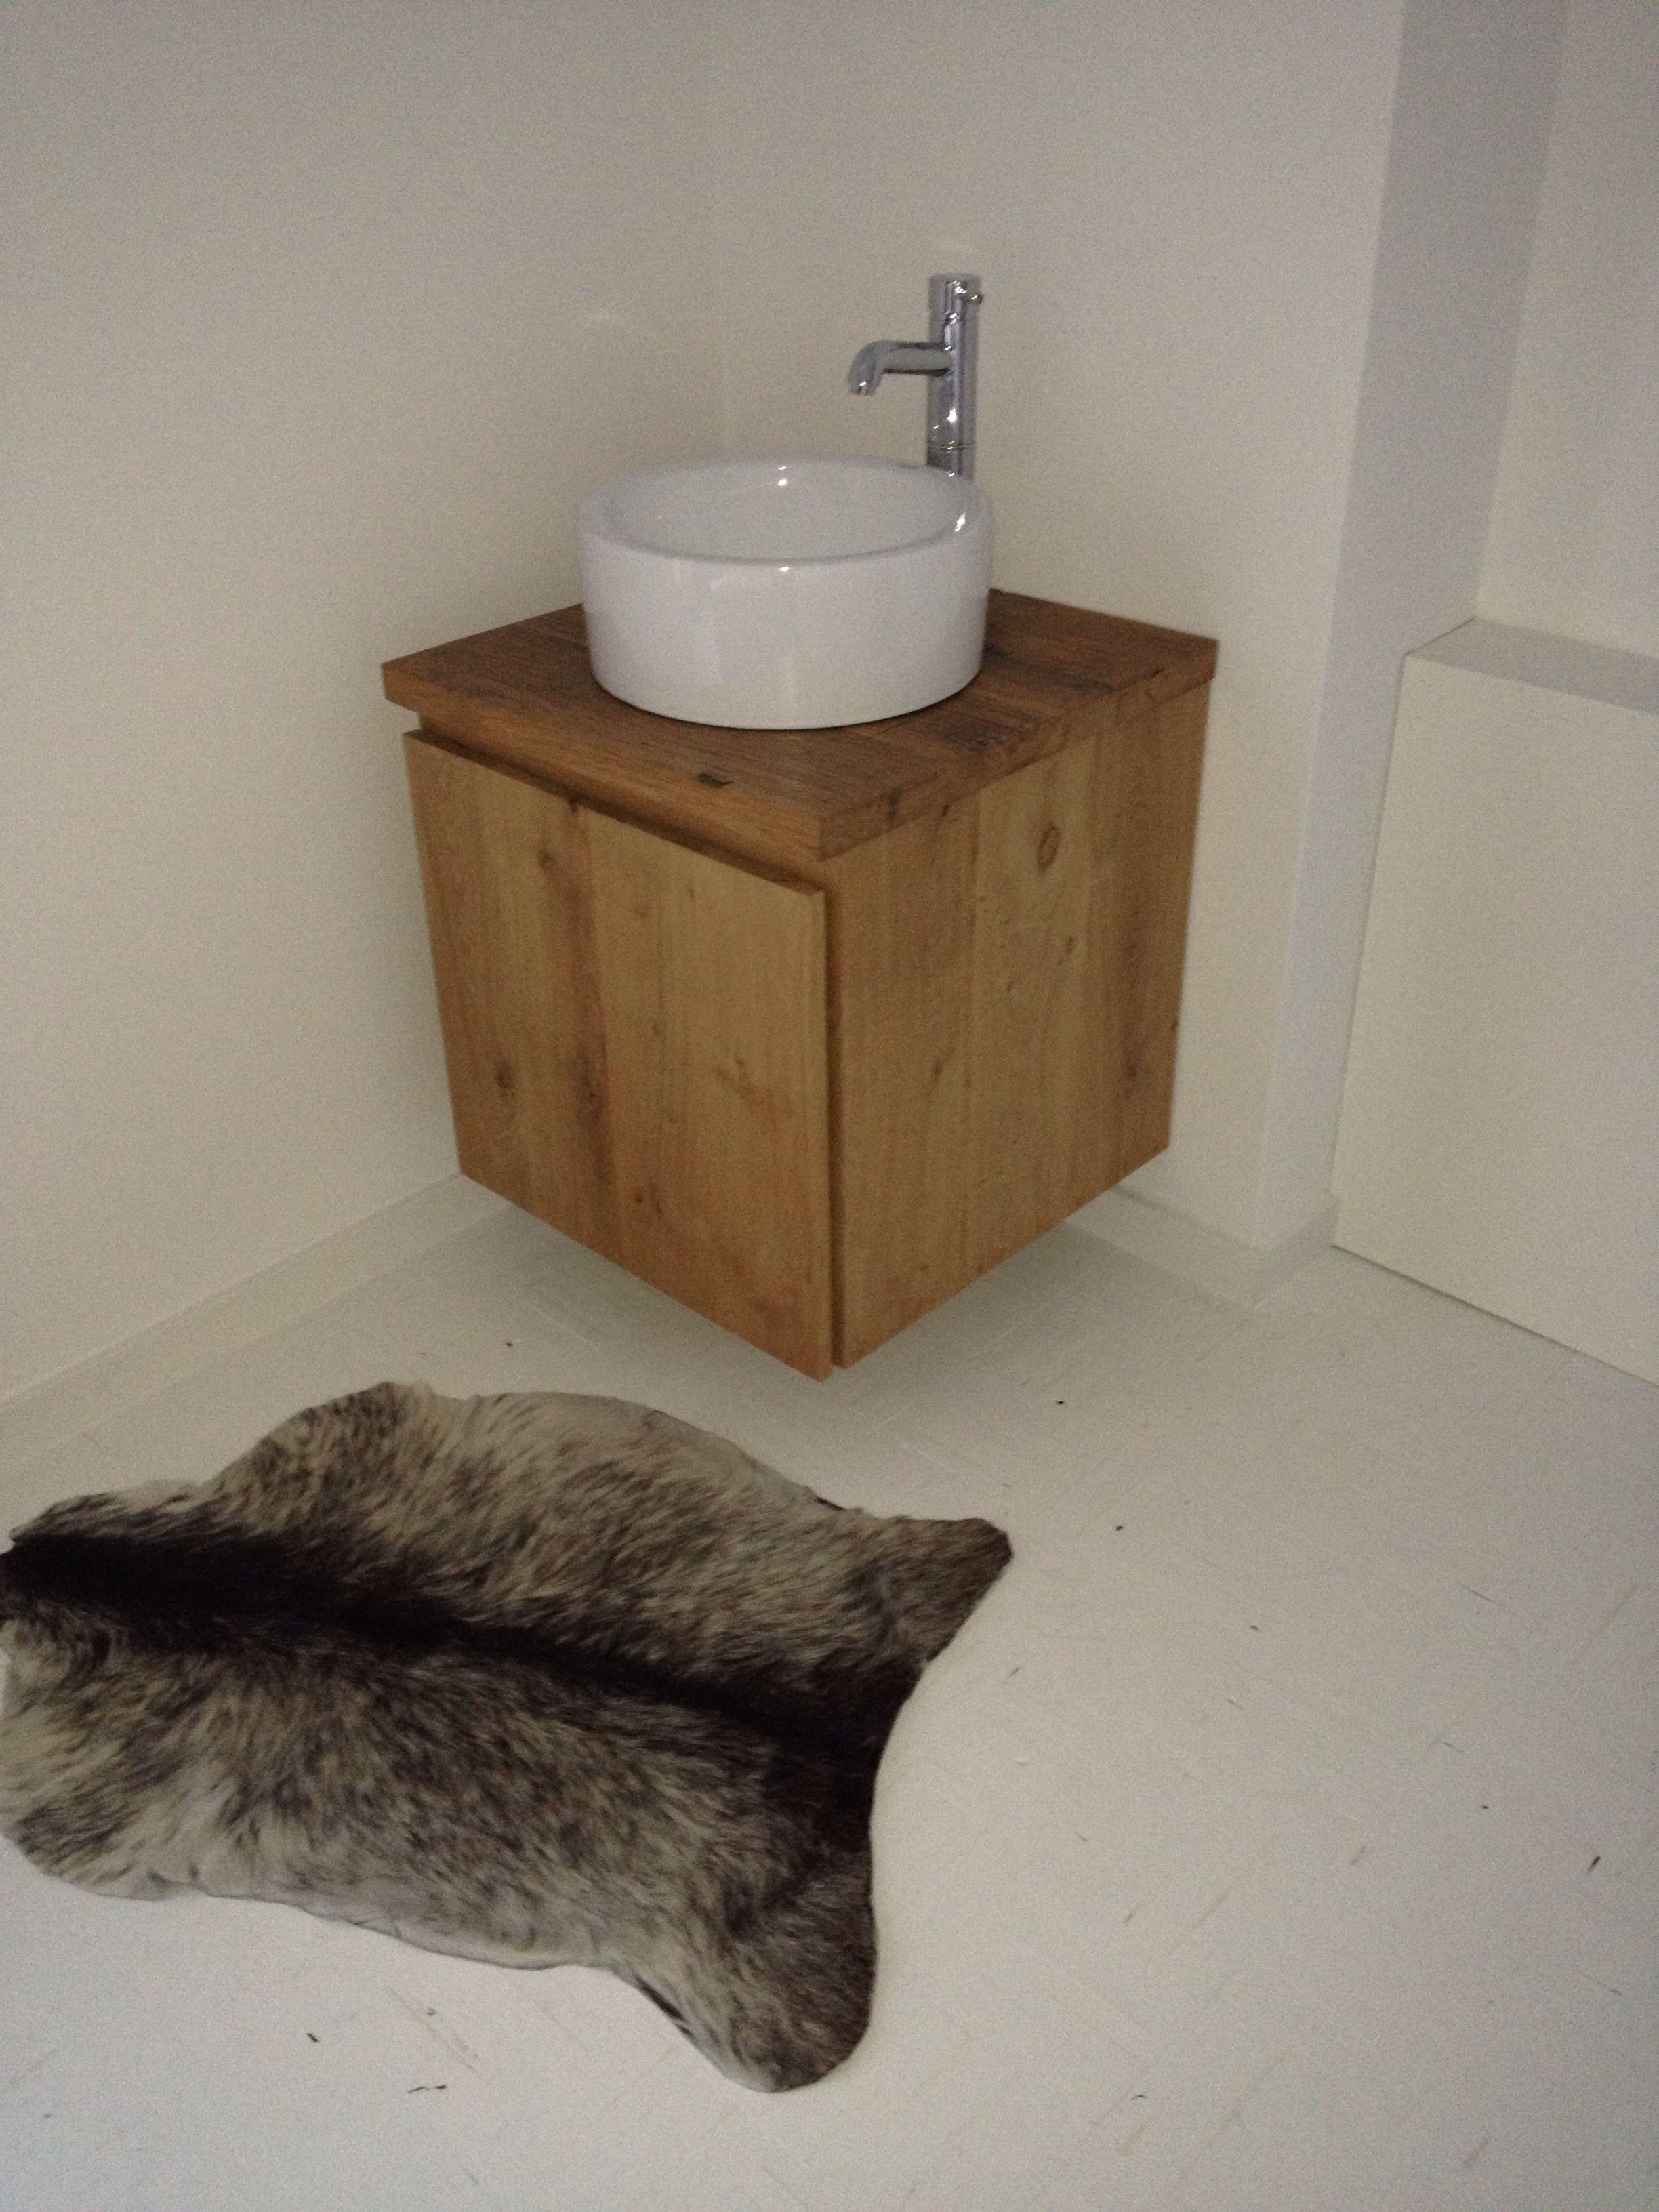 nog een badkamermeubel van massief eiken met een wagondelen